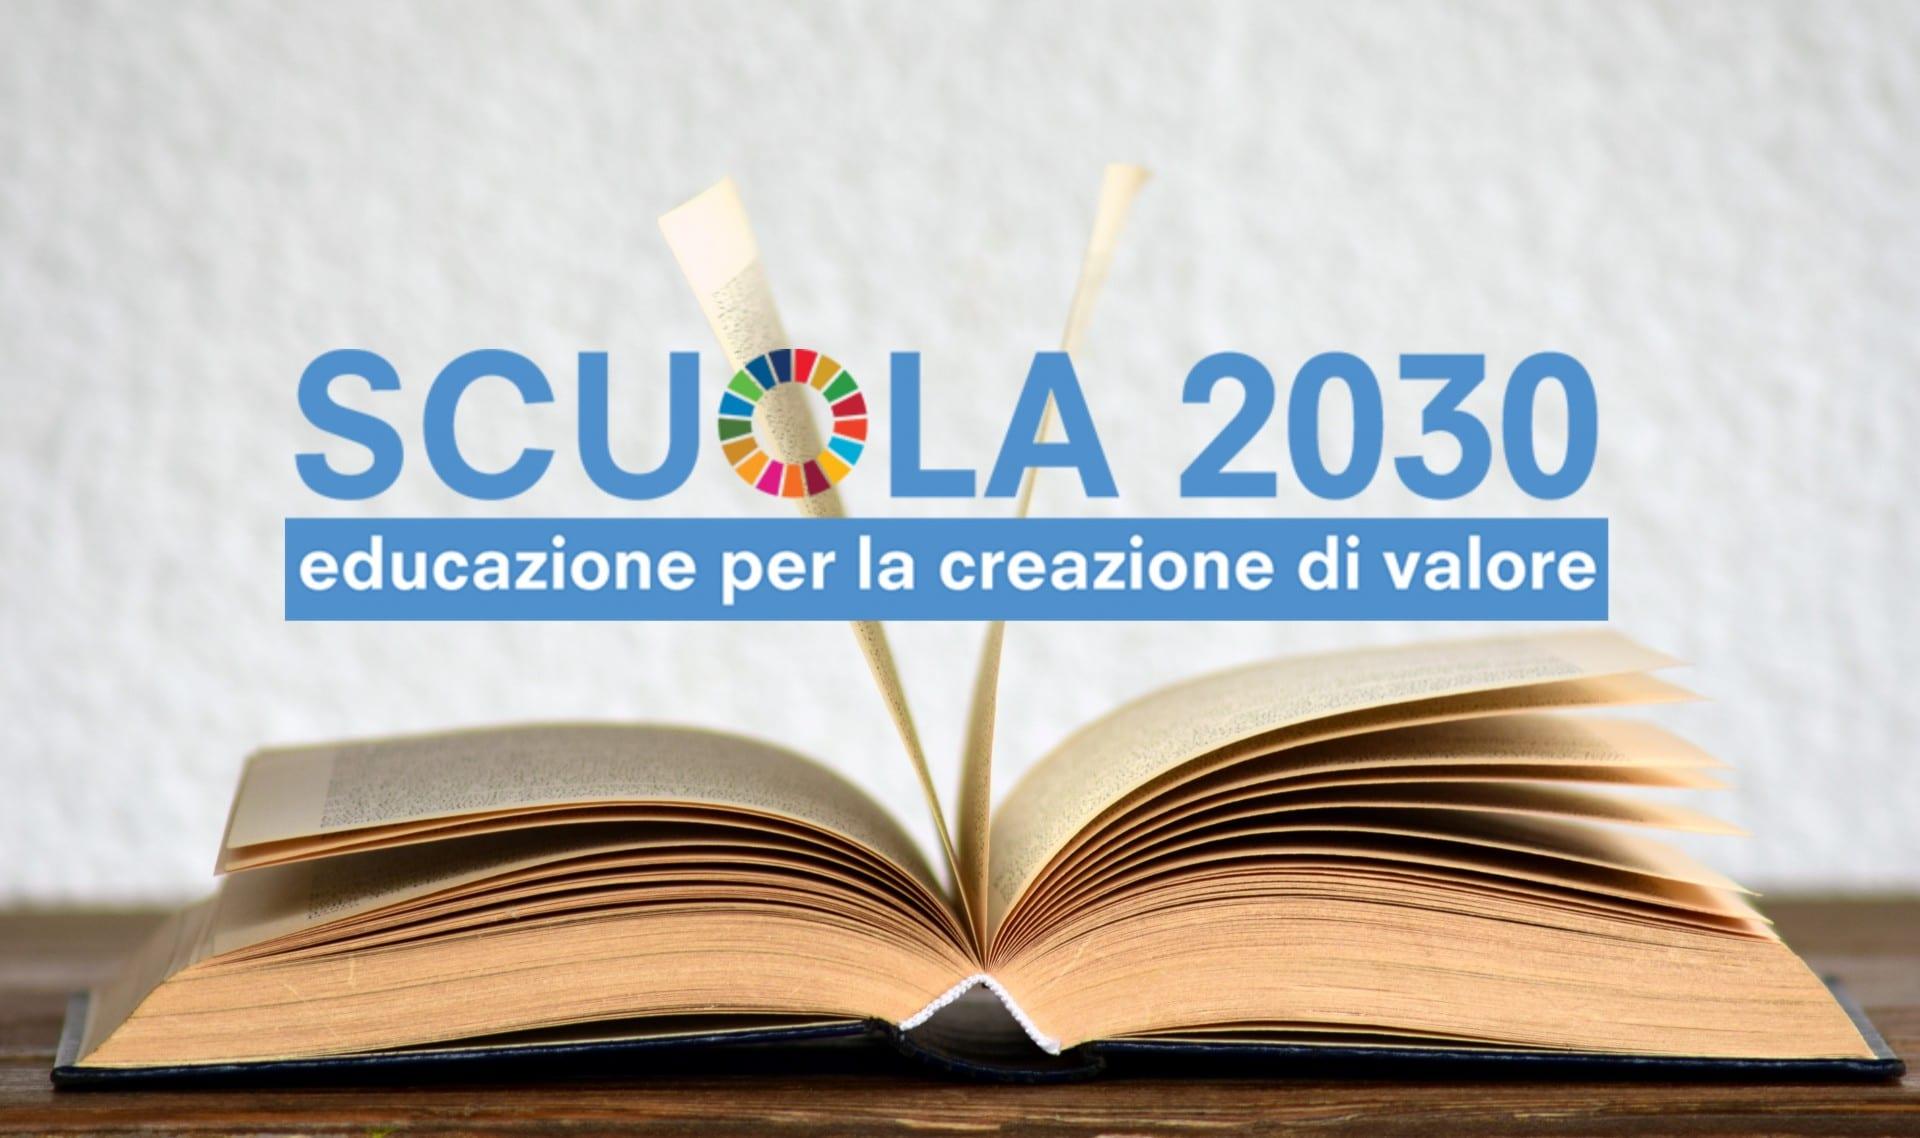 Scuola2030